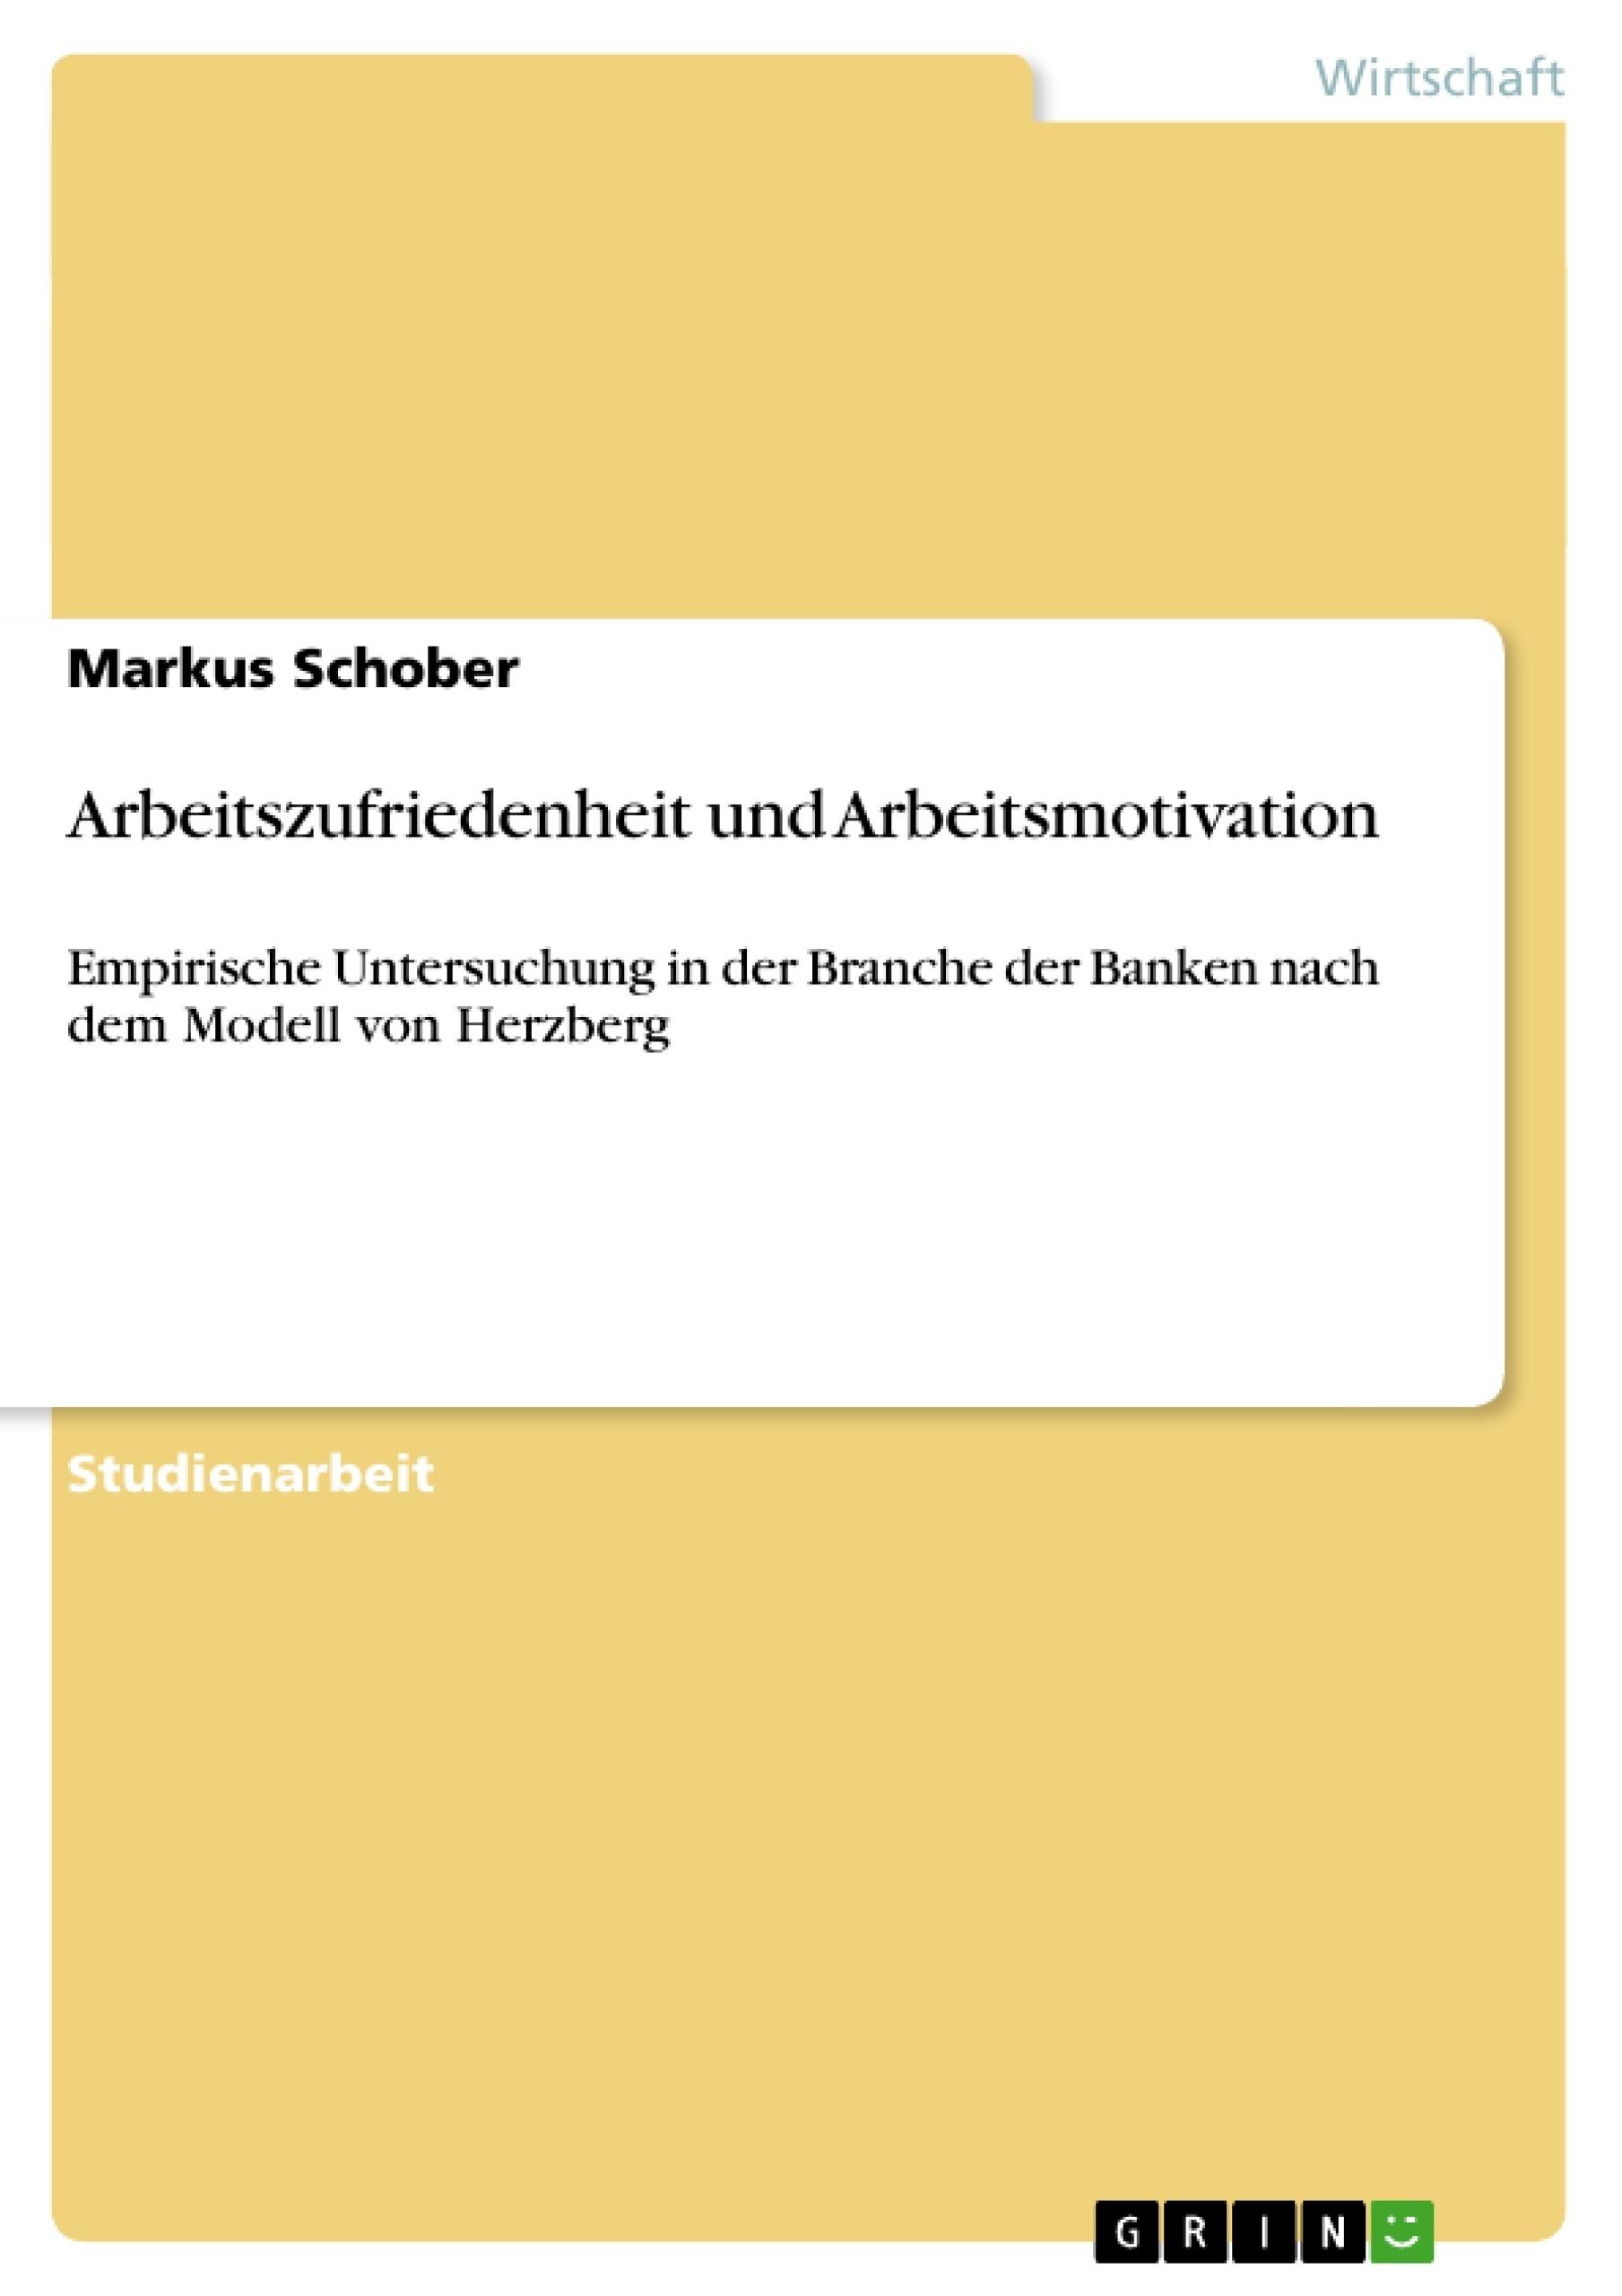 Titel: Arbeitszufriedenheit und Arbeitsmotivation